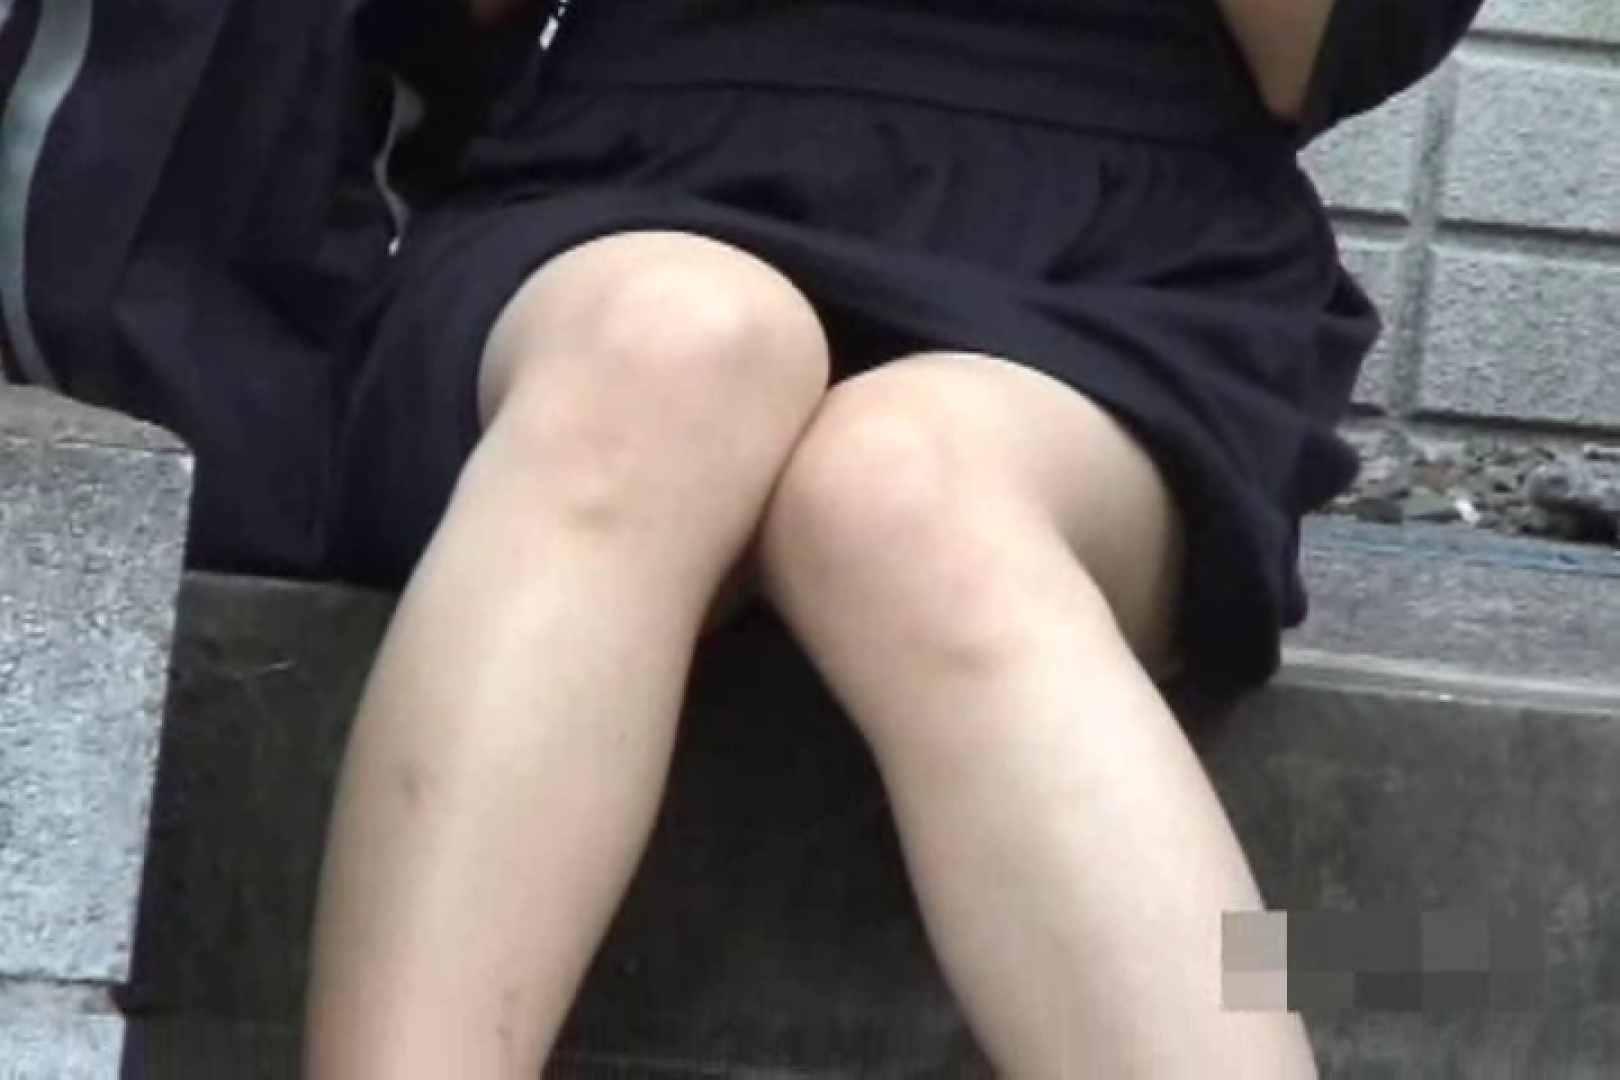 検証!隠し撮りスカートめくり!!Vol.6 美しいOLの裸体  77pic 6